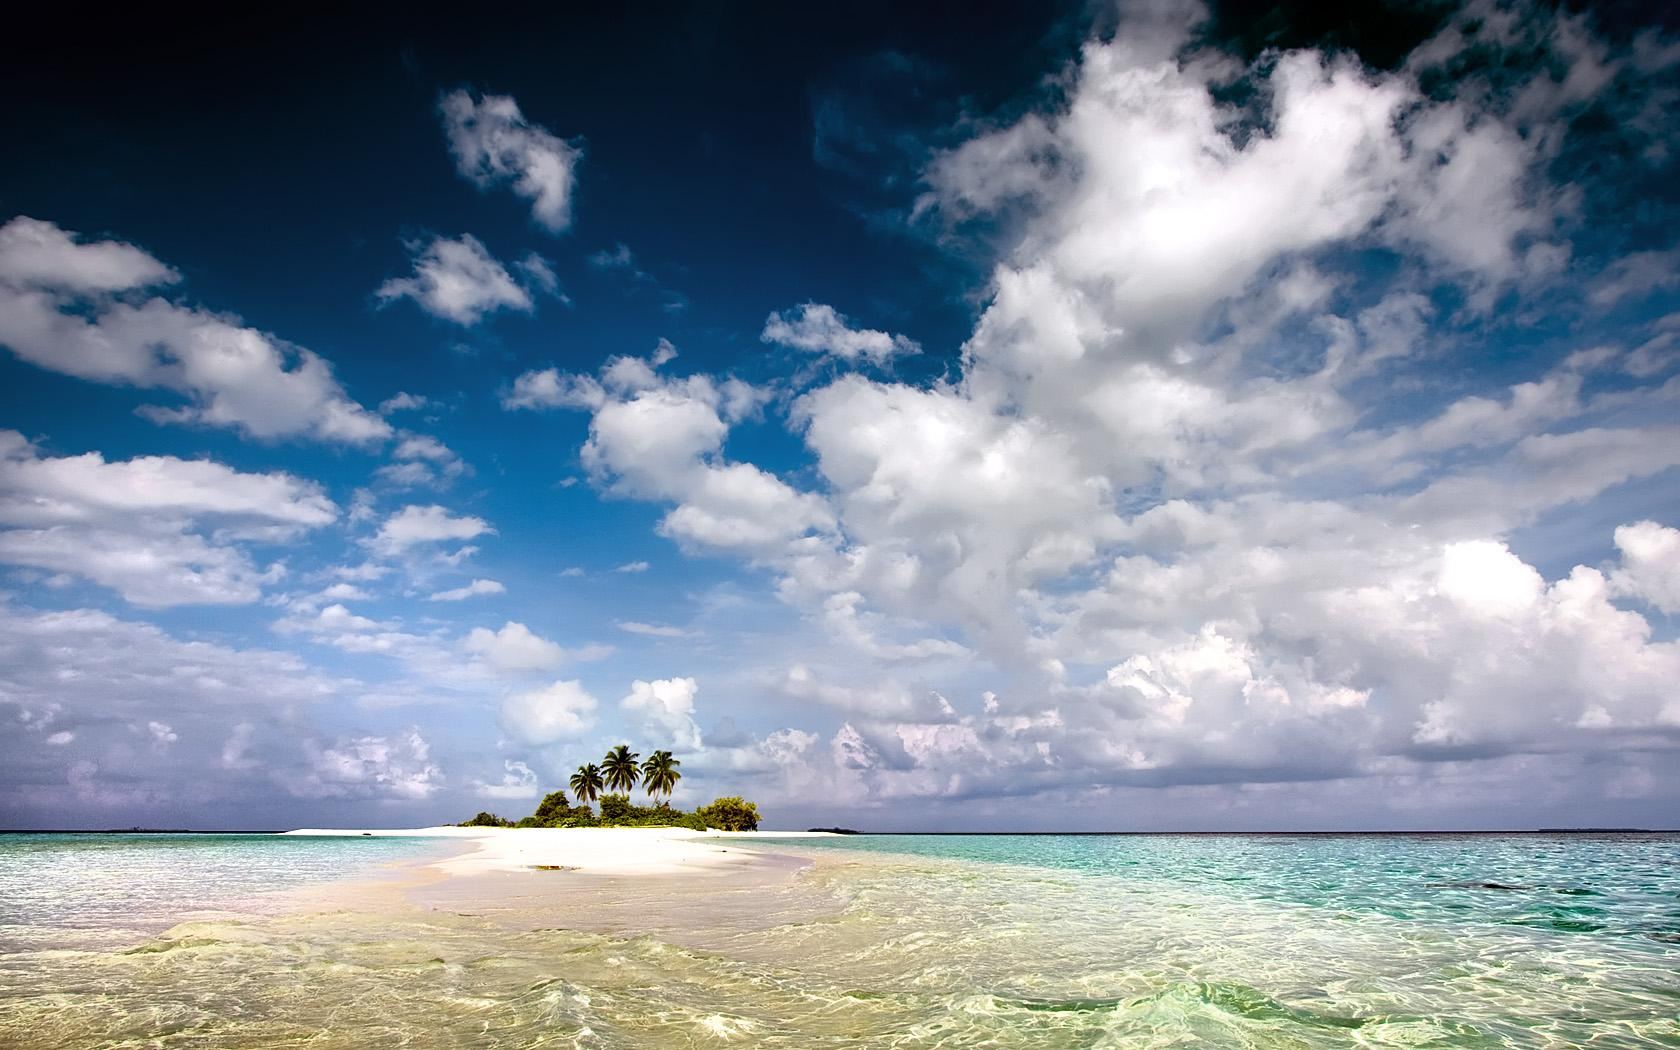 Кусочек земли, пальмы, волны моря, небо, необитаемый остров, пальмы